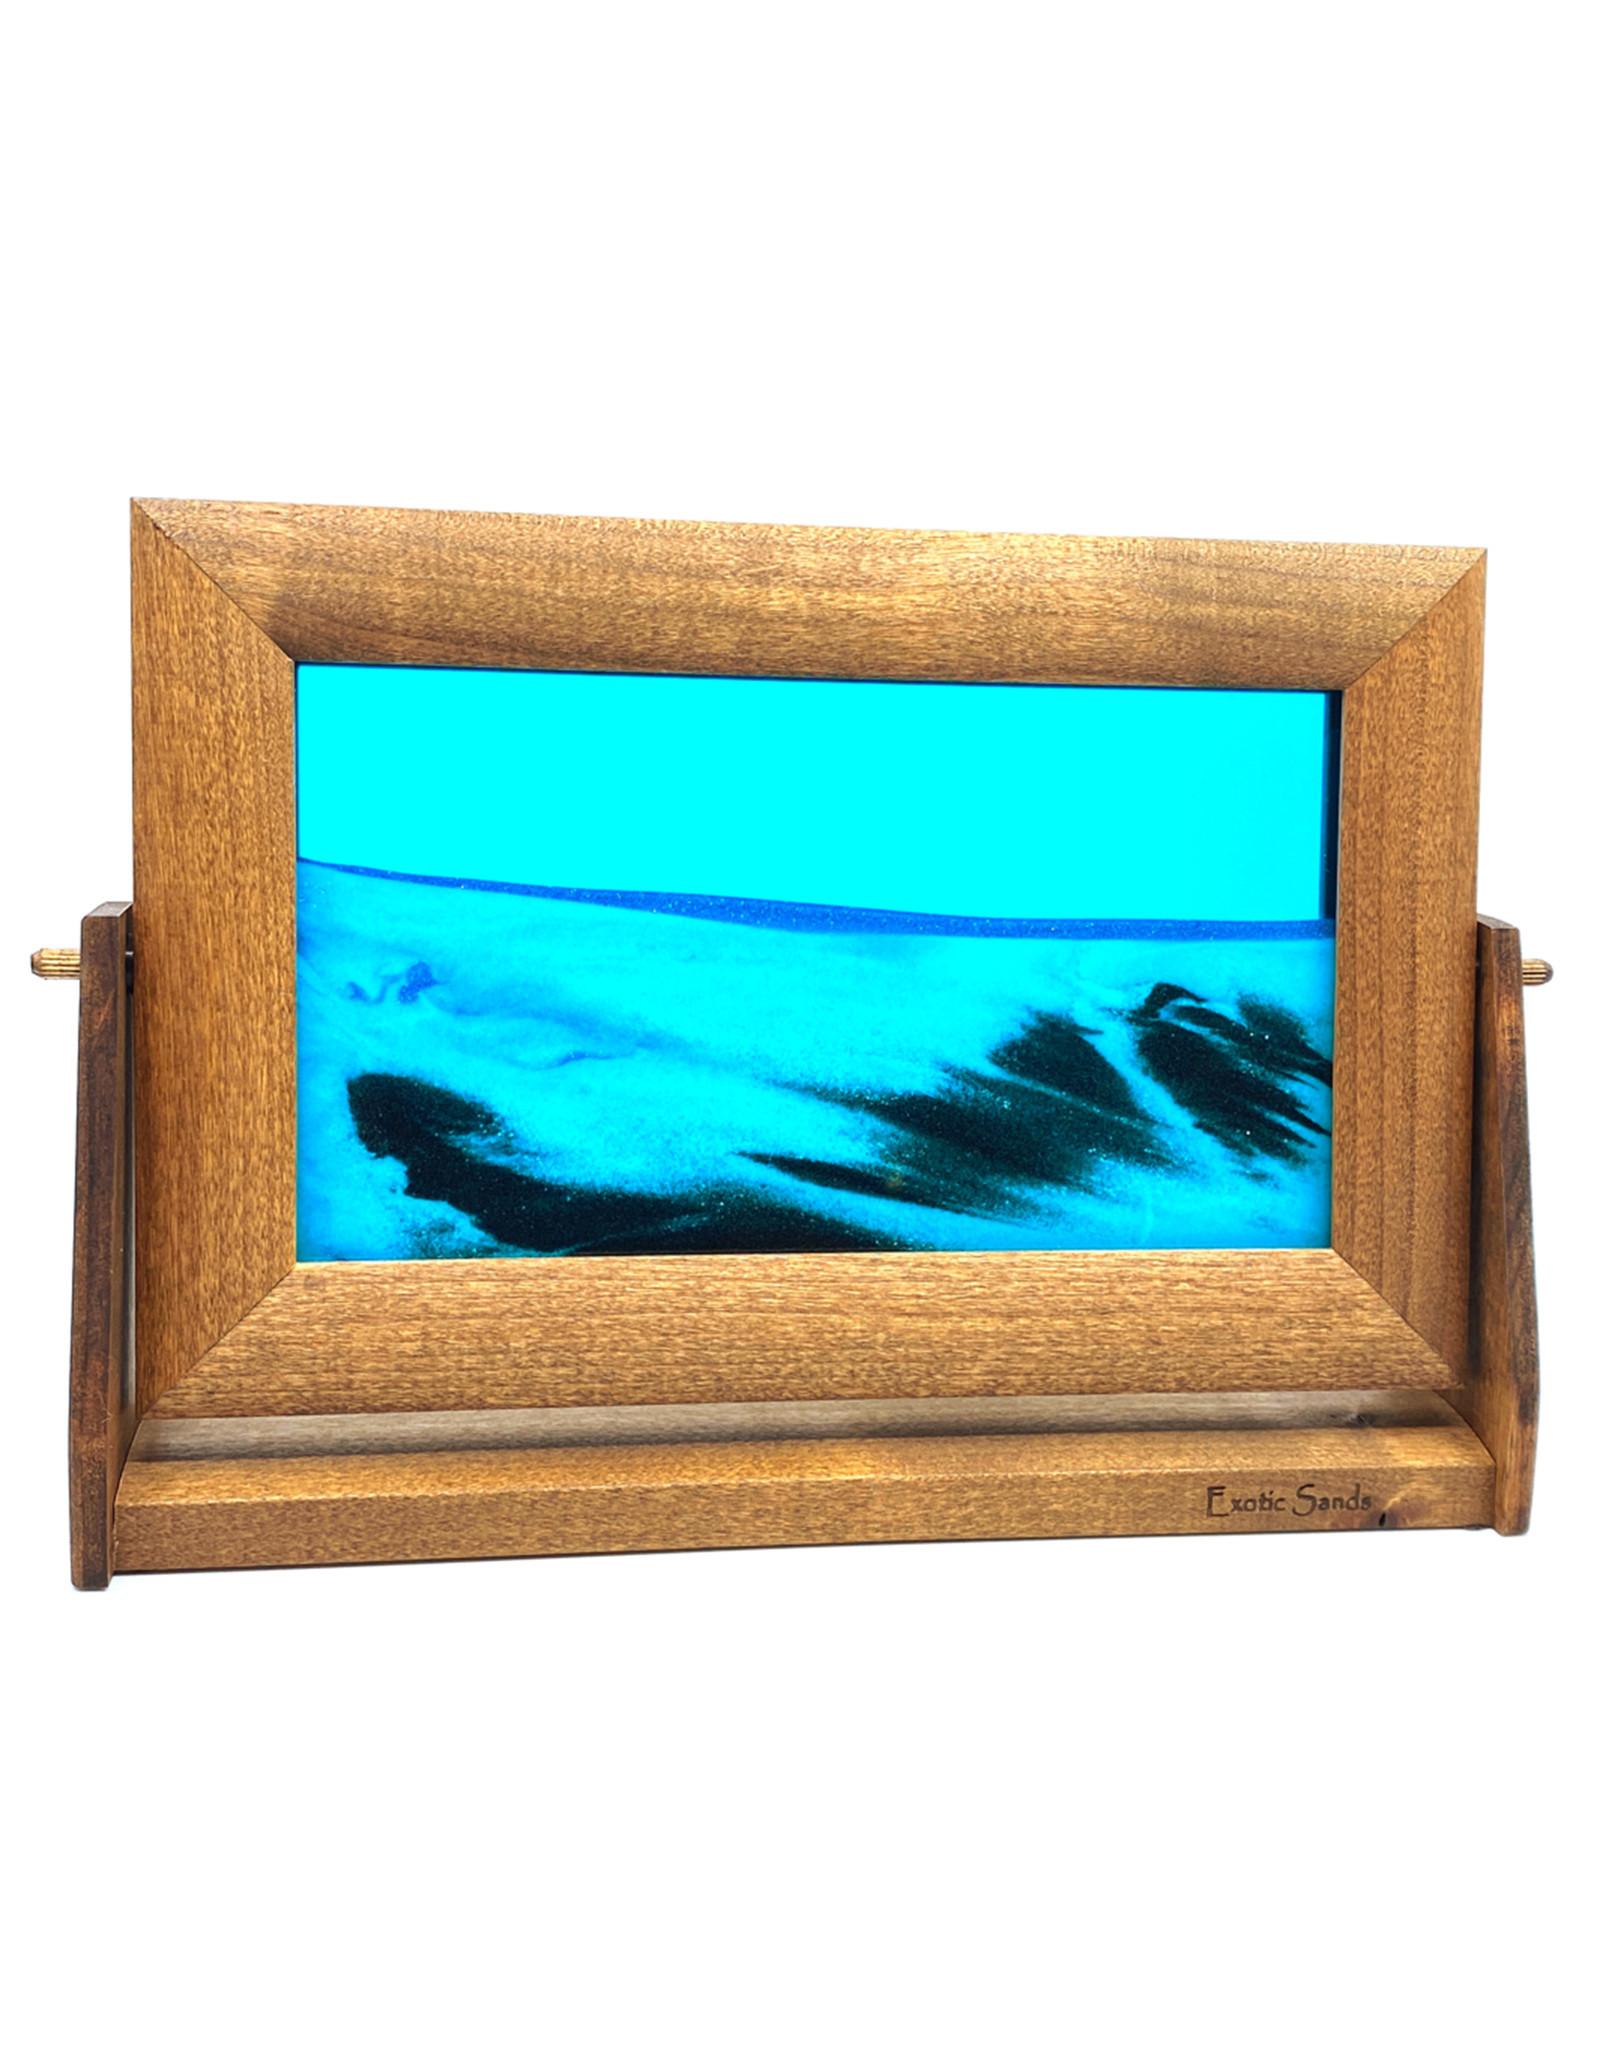 EXOTIC SANDS LARGE OCEAN BLUE SANDSCAPE